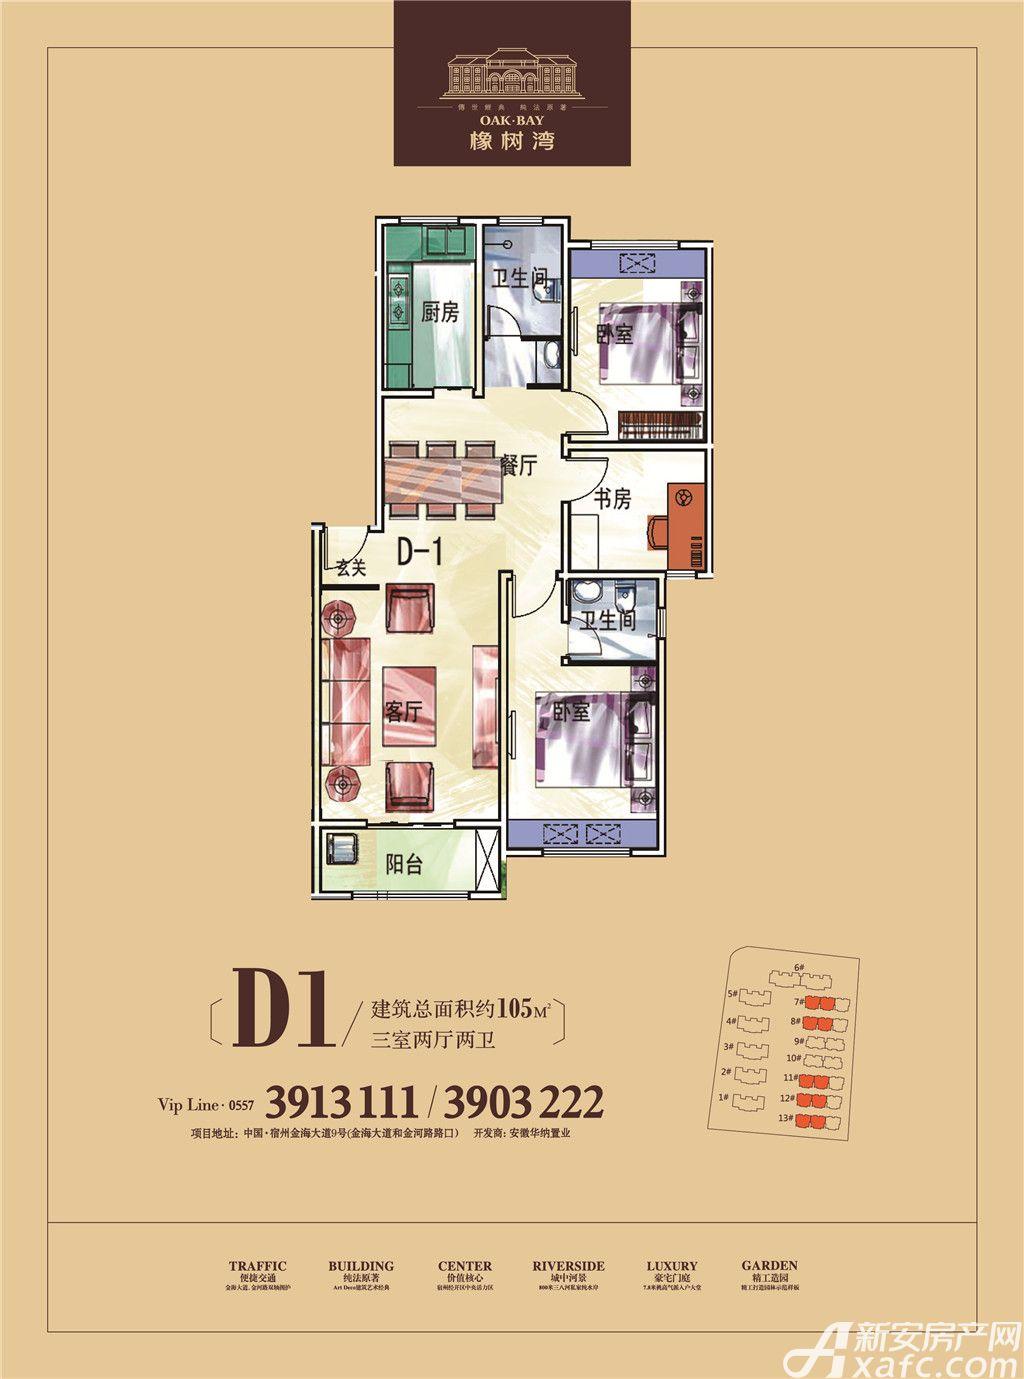 乐泽鑫城D1户型3室2厅105平米